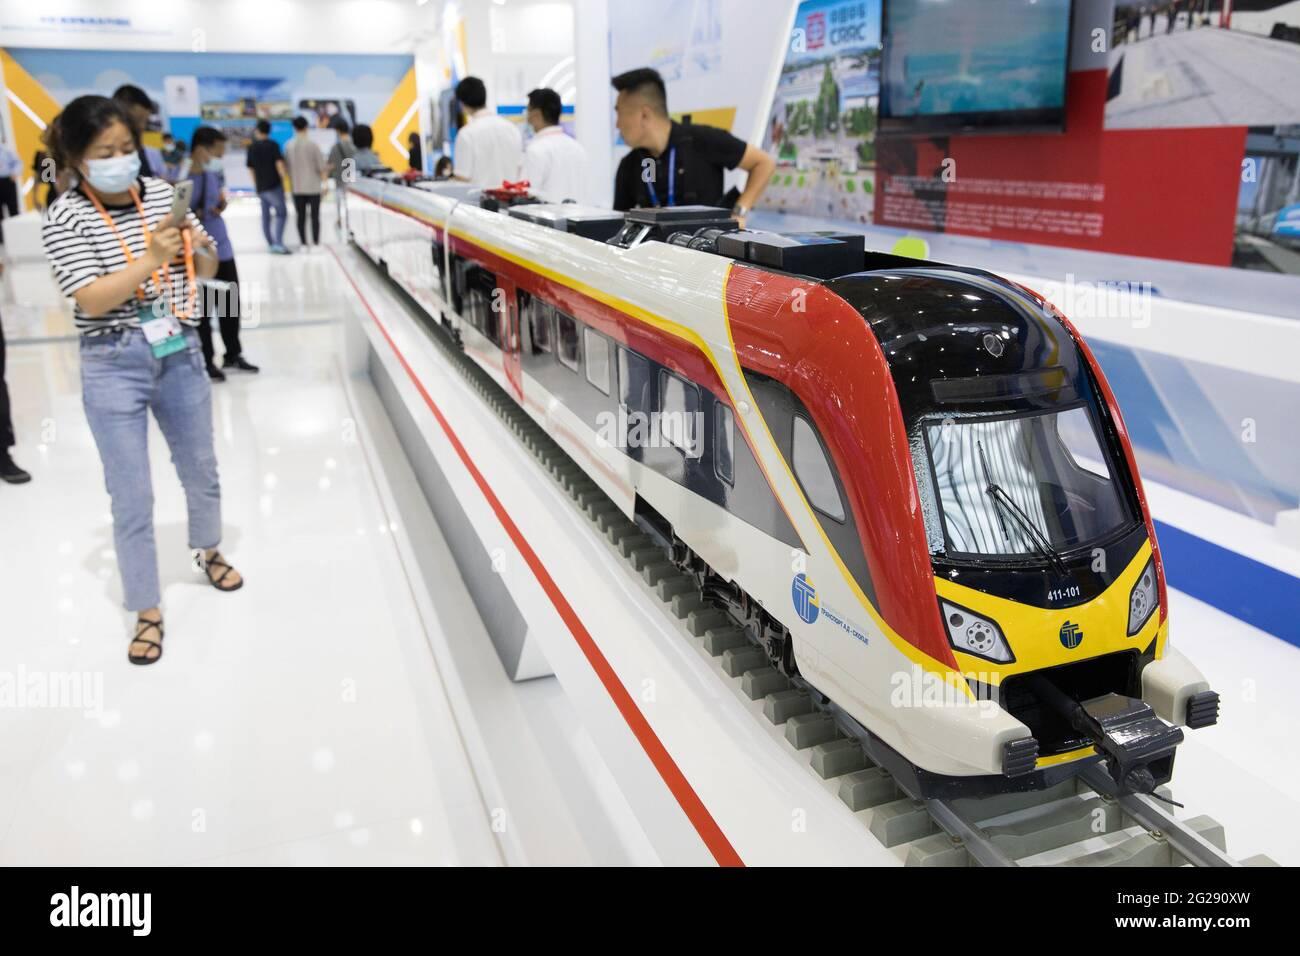 Ningbo, province chinoise de Zhejiang. 9 juin 2021. Un visiteur prend des photos d'un modèle de train à grande vitesse lors de la deuxième exposition Chine-pays d'Europe centrale et orientale (CEEC) à Ningbo, dans la province de Zhejiang en Chine orientale, le 9 juin 2021. L'exposition a été ouverte aux visiteurs publics mercredi. Thème « promouvoir un nouveau paradigme de développement, partager une opportunité gagnant-gagnant », l'expo vise à stimuler le commerce entre la Chine et les pays d'Europe centrale et orientale (PECO). Credit: Jin Liwang/Xinhua/Alamy Live News Banque D'Images